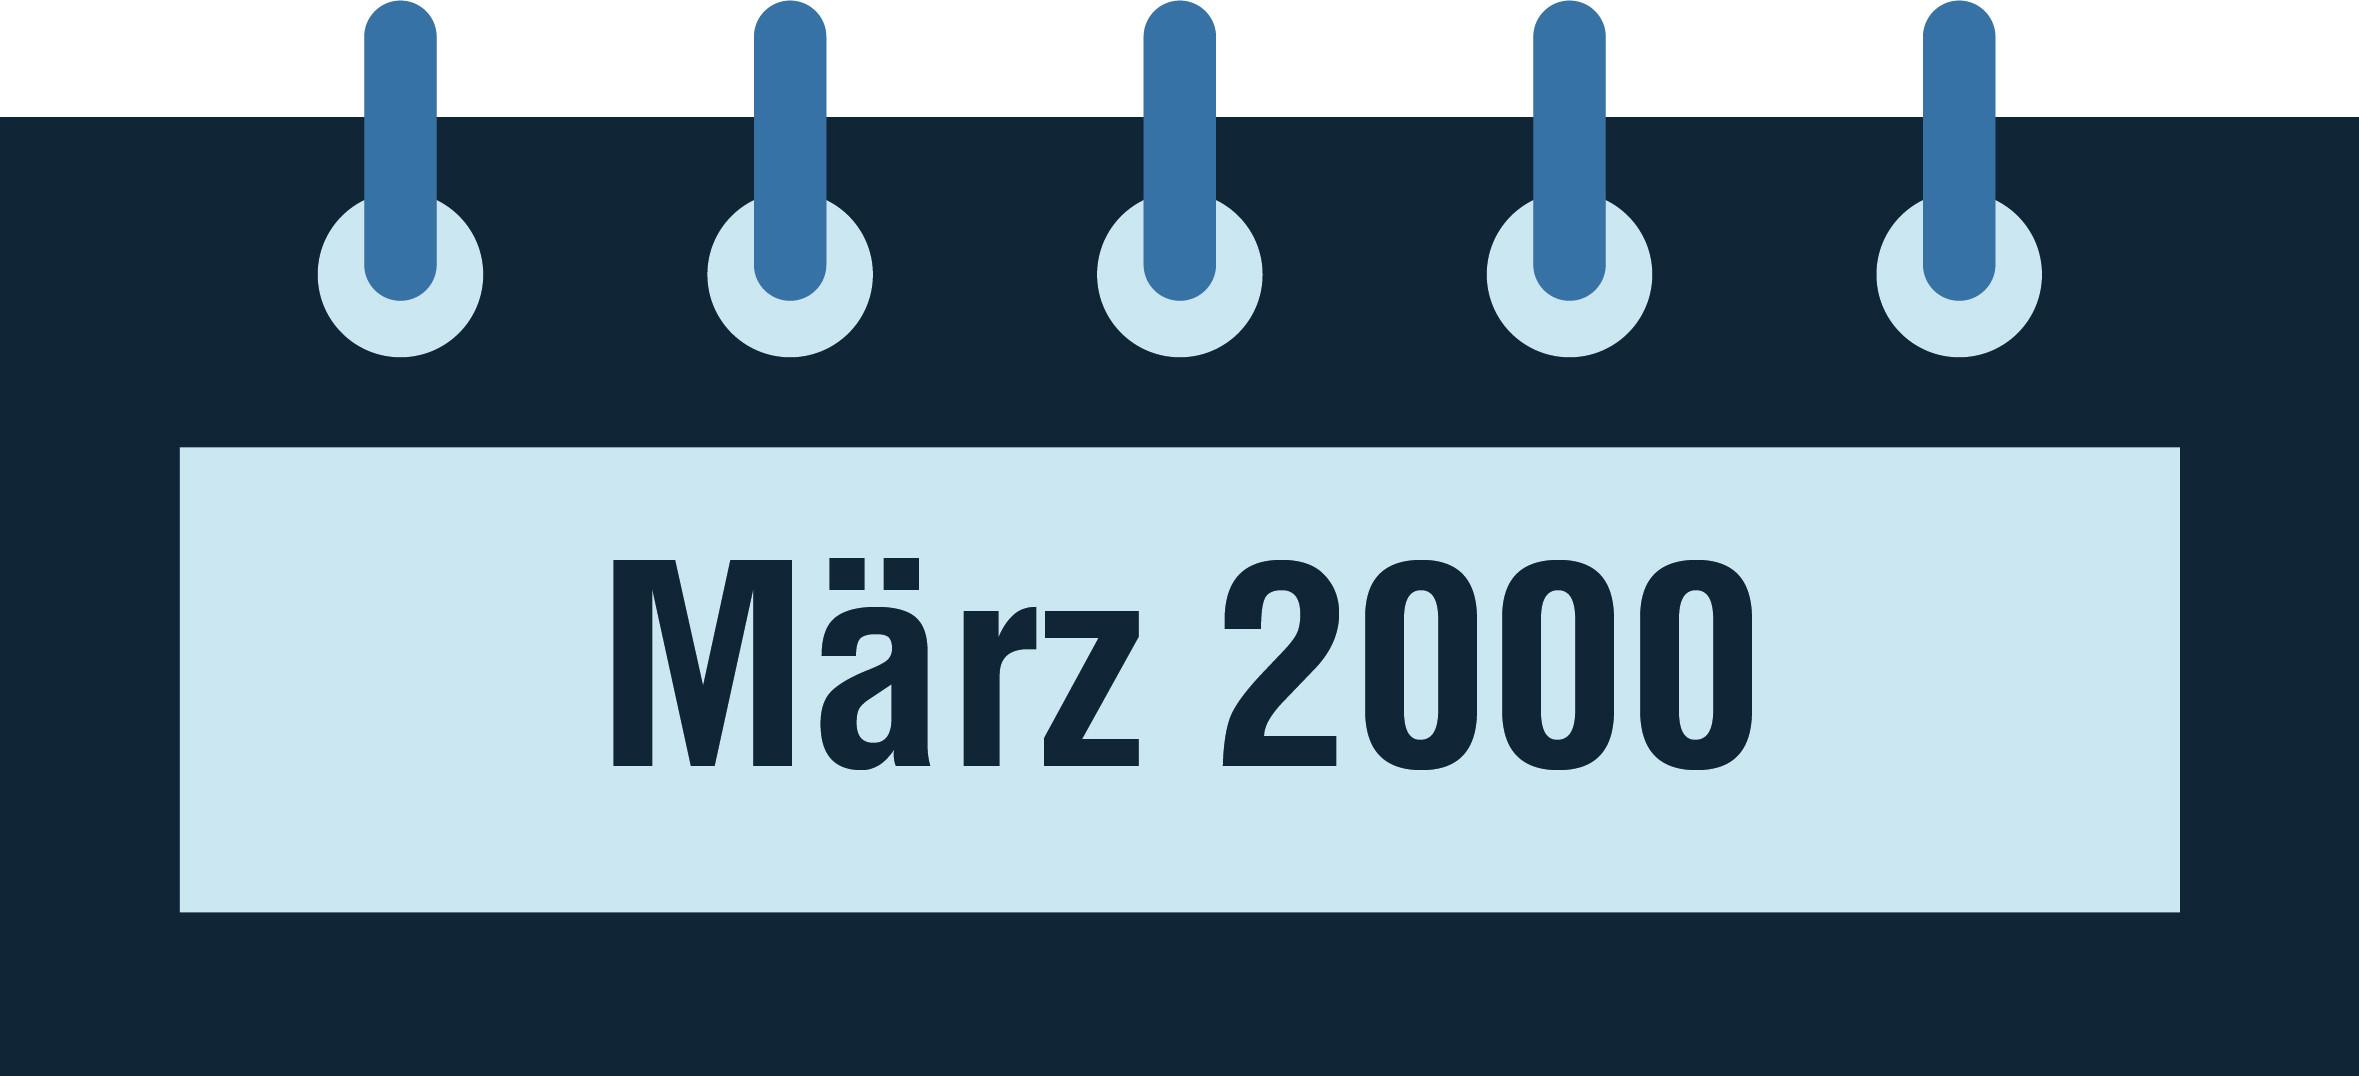 NeuroCheck Geschichte - März 2000 (Foto © NeuroCheck)